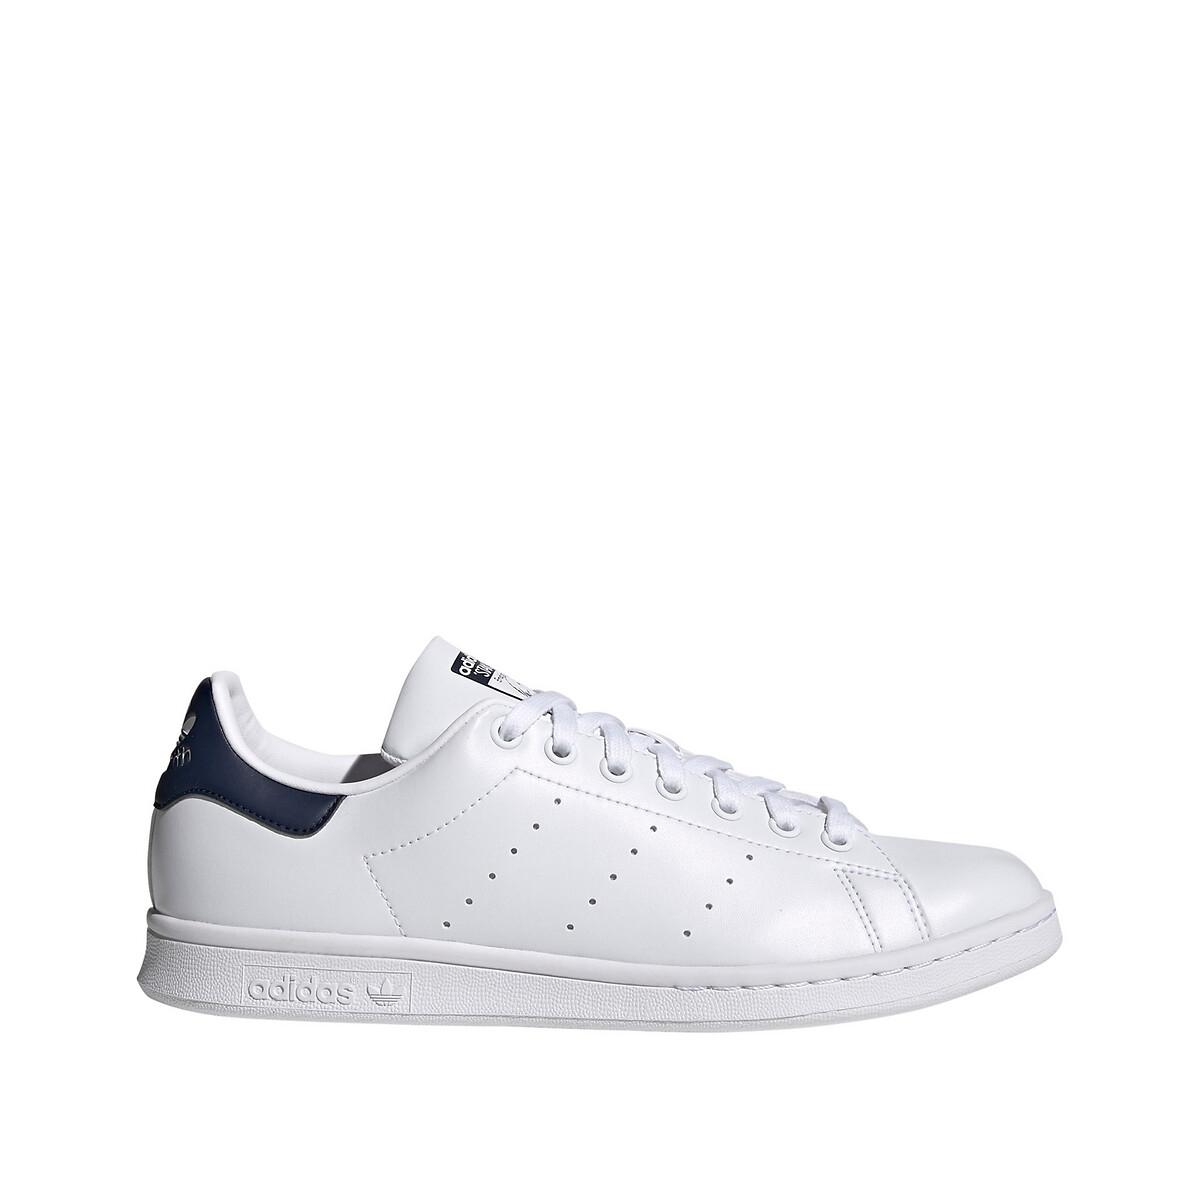 Adidas Originals Stan Smith Sneakers in wit met marineblauw hielstuk online kopen